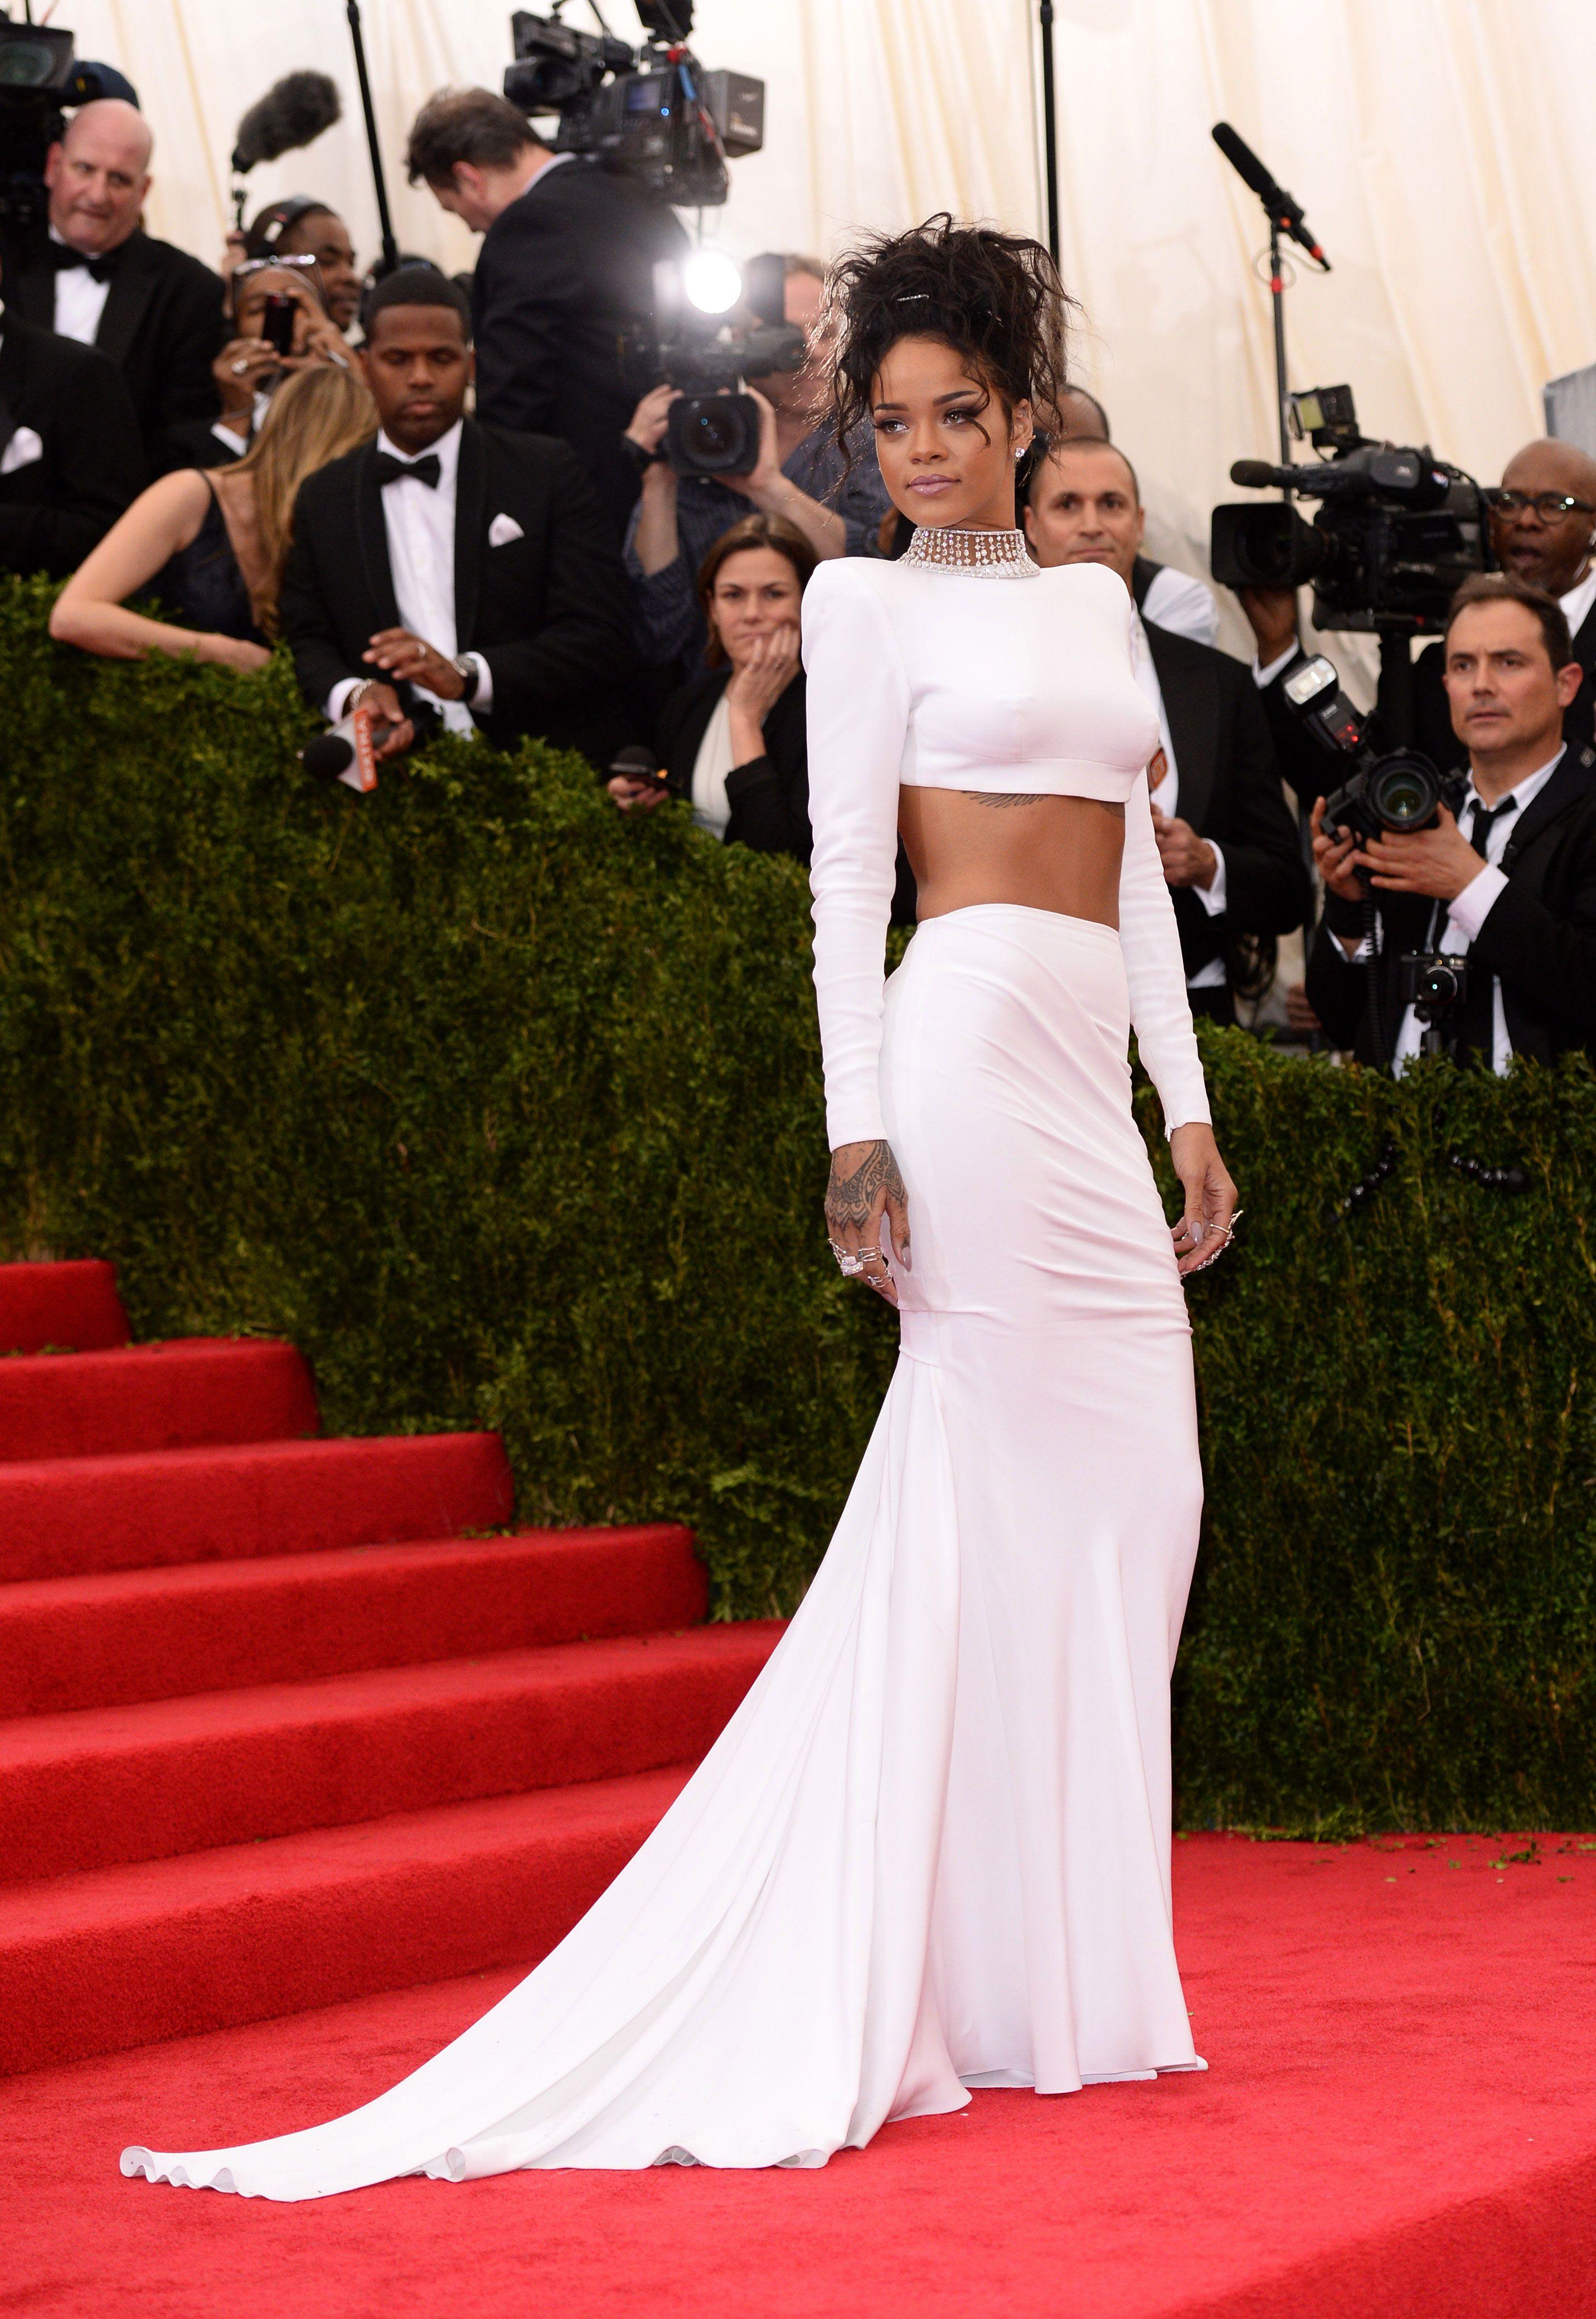 Fashion 2014: Dolce & Gabbana Spring / Summer 2014 Women's ... |Fashion Night Dress 2014